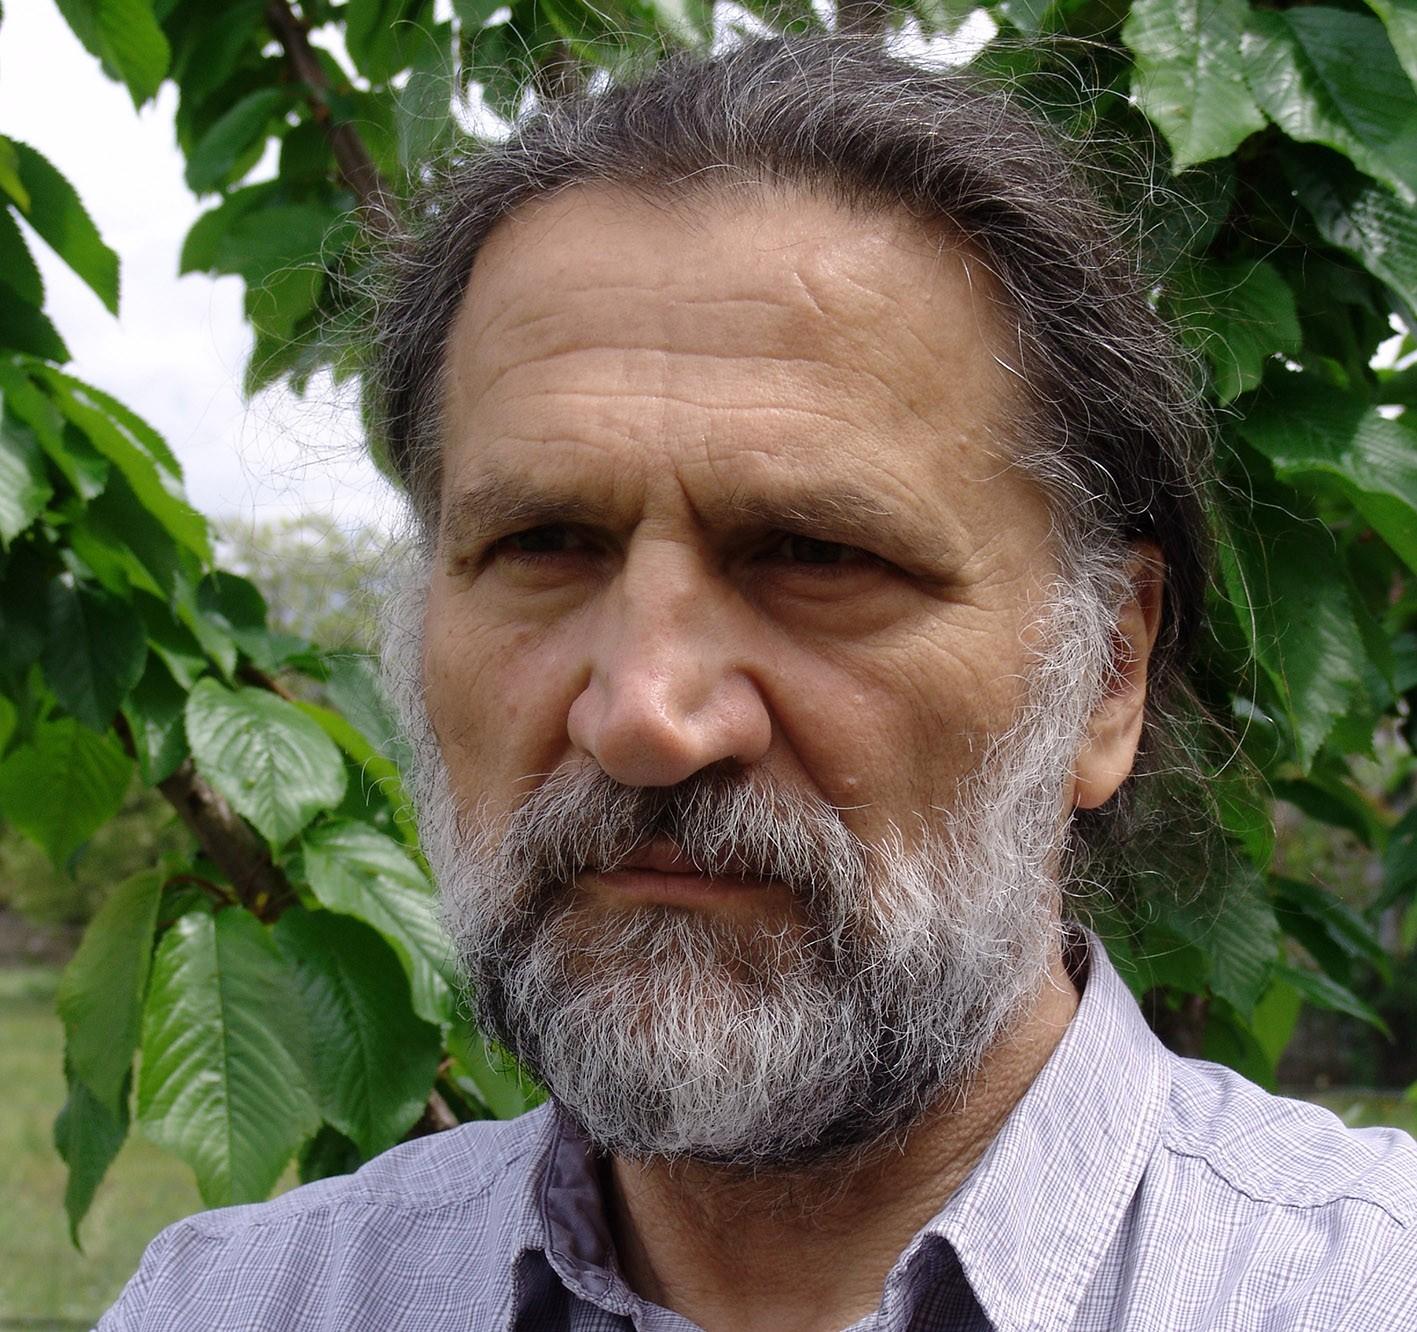 pisci-Radomir-Uljarević